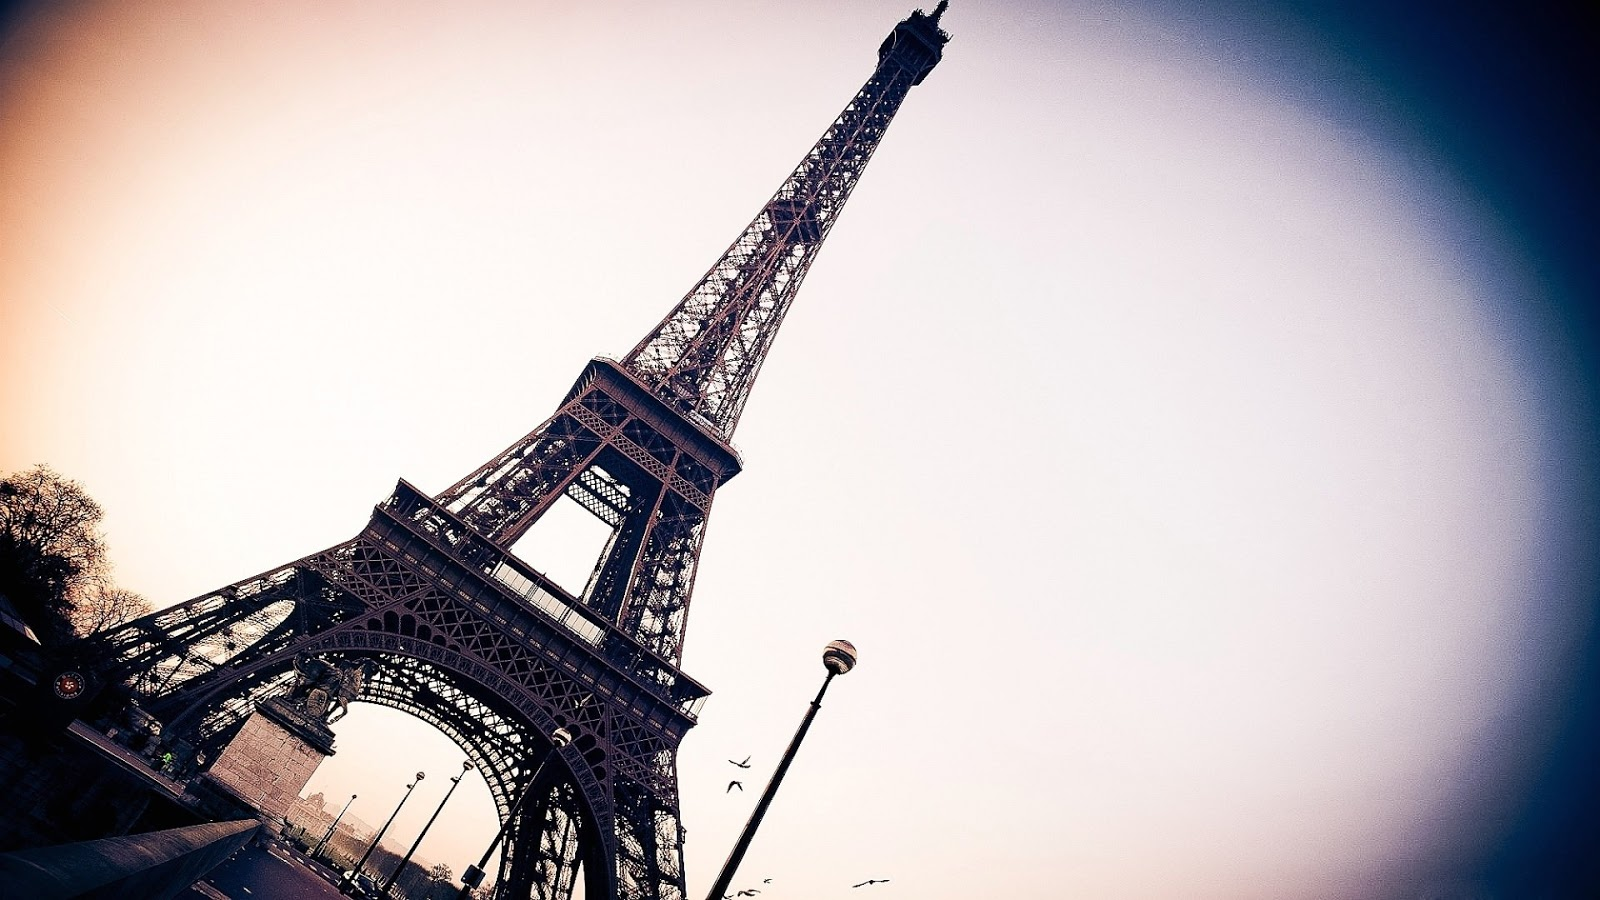 69+ Hình Nền Tháp Eiffel HD Đẹp Lồng Lồn Cho Máy Tính Cực Chất